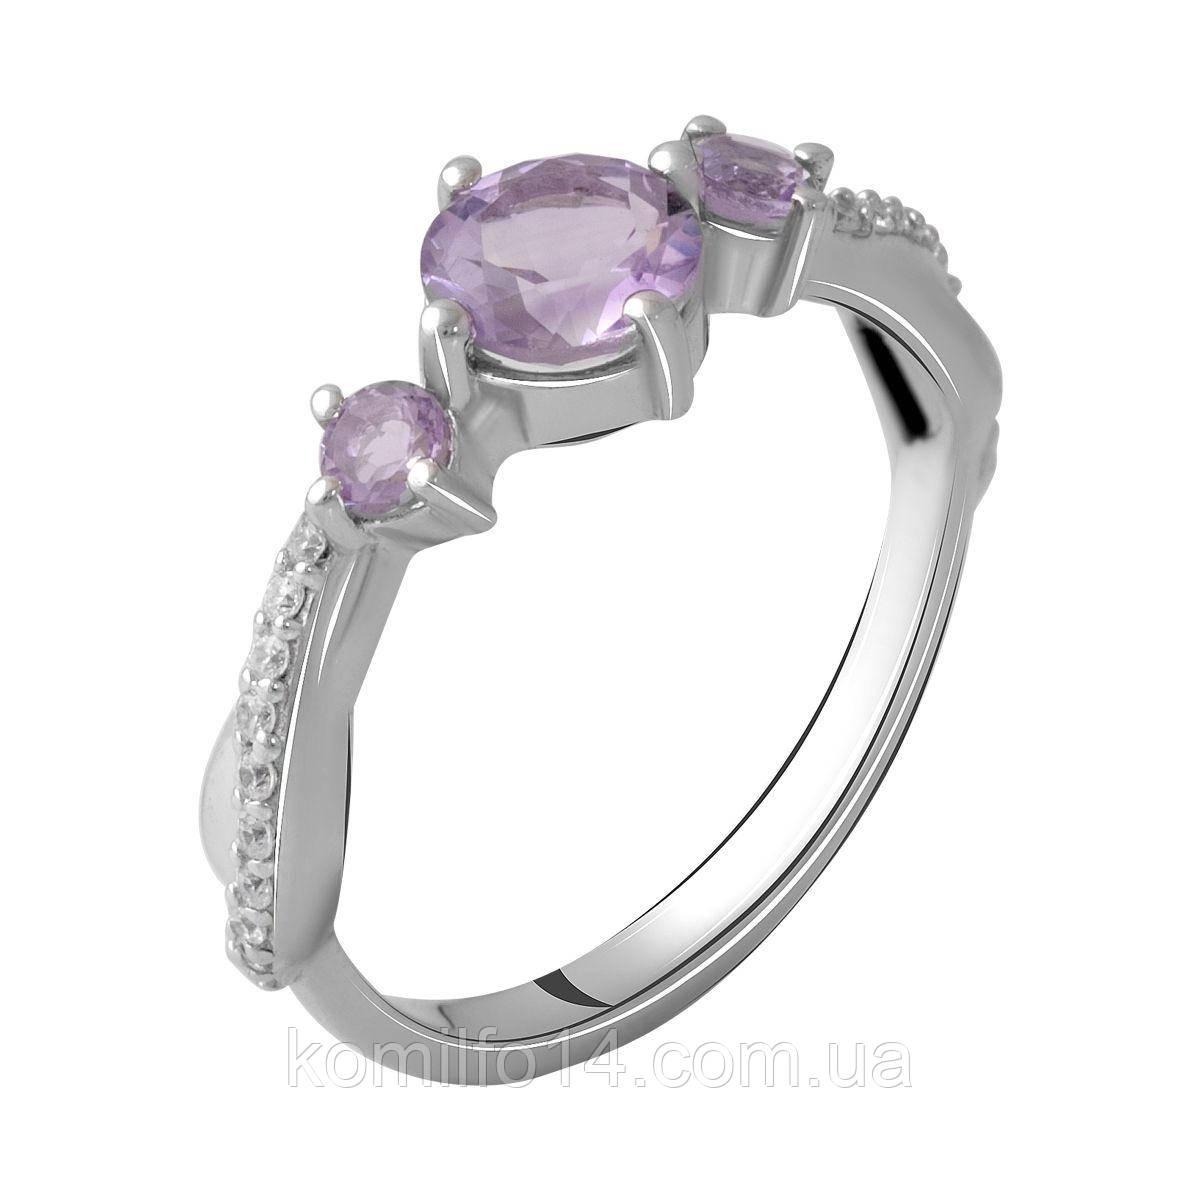 Серебряное кольцо с натуральным аметистом  РОЗ ДЕ ФРАНС (ROSE DE FRANCE)